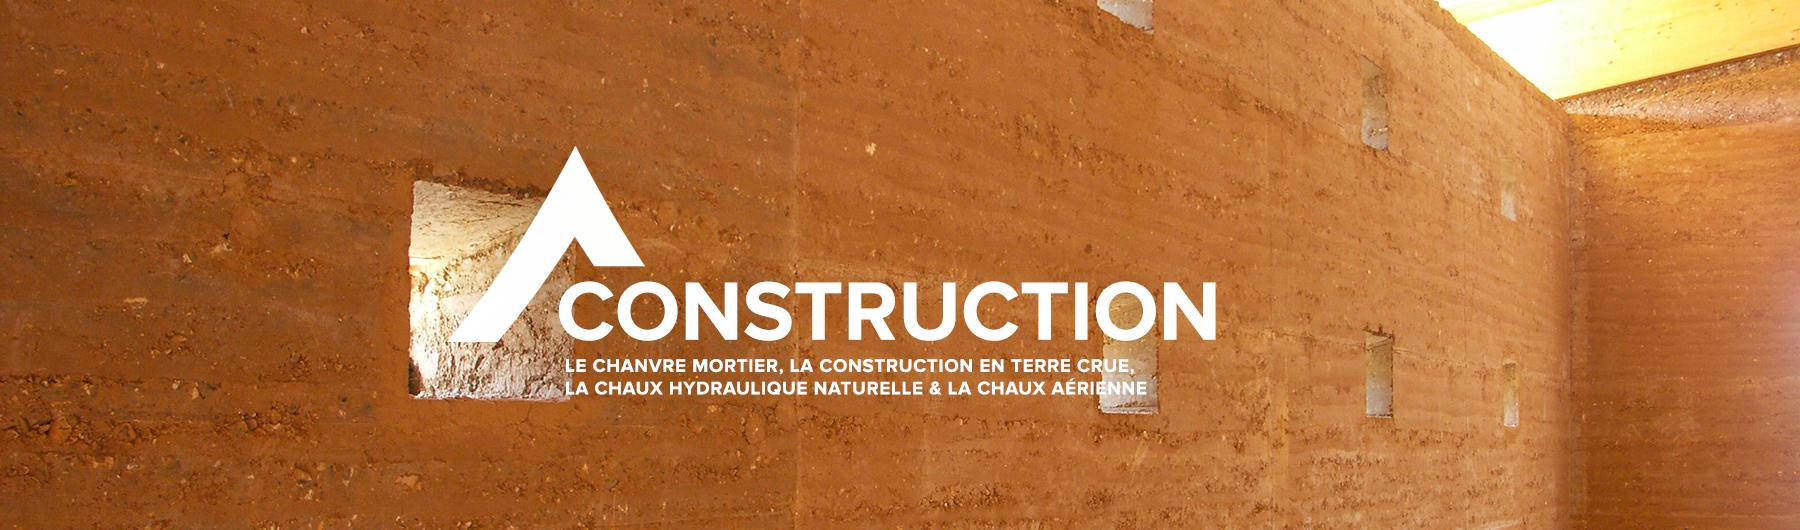 construction-terre-cru-chaux-chanvre